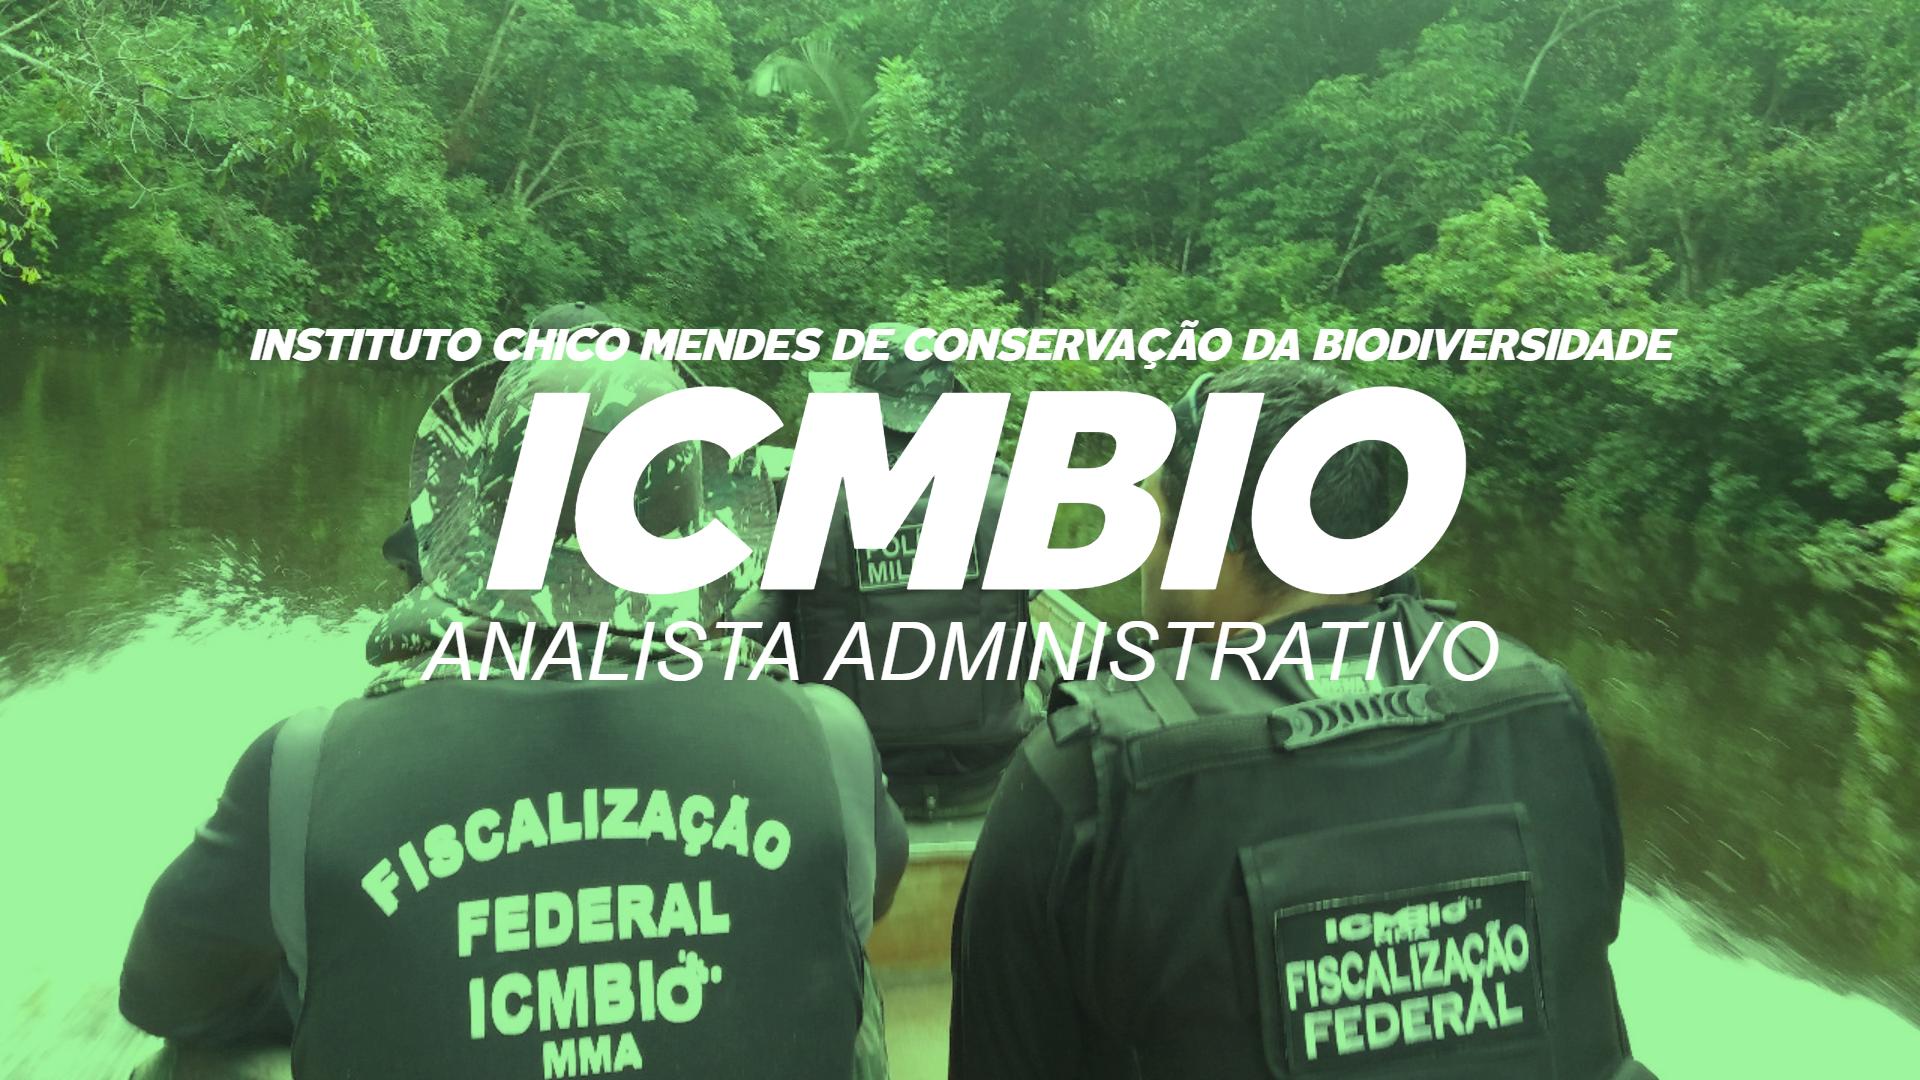 ICMBio - Analista Administrativo - Instituto Chico Mendes de Conservação da Biodiversidade